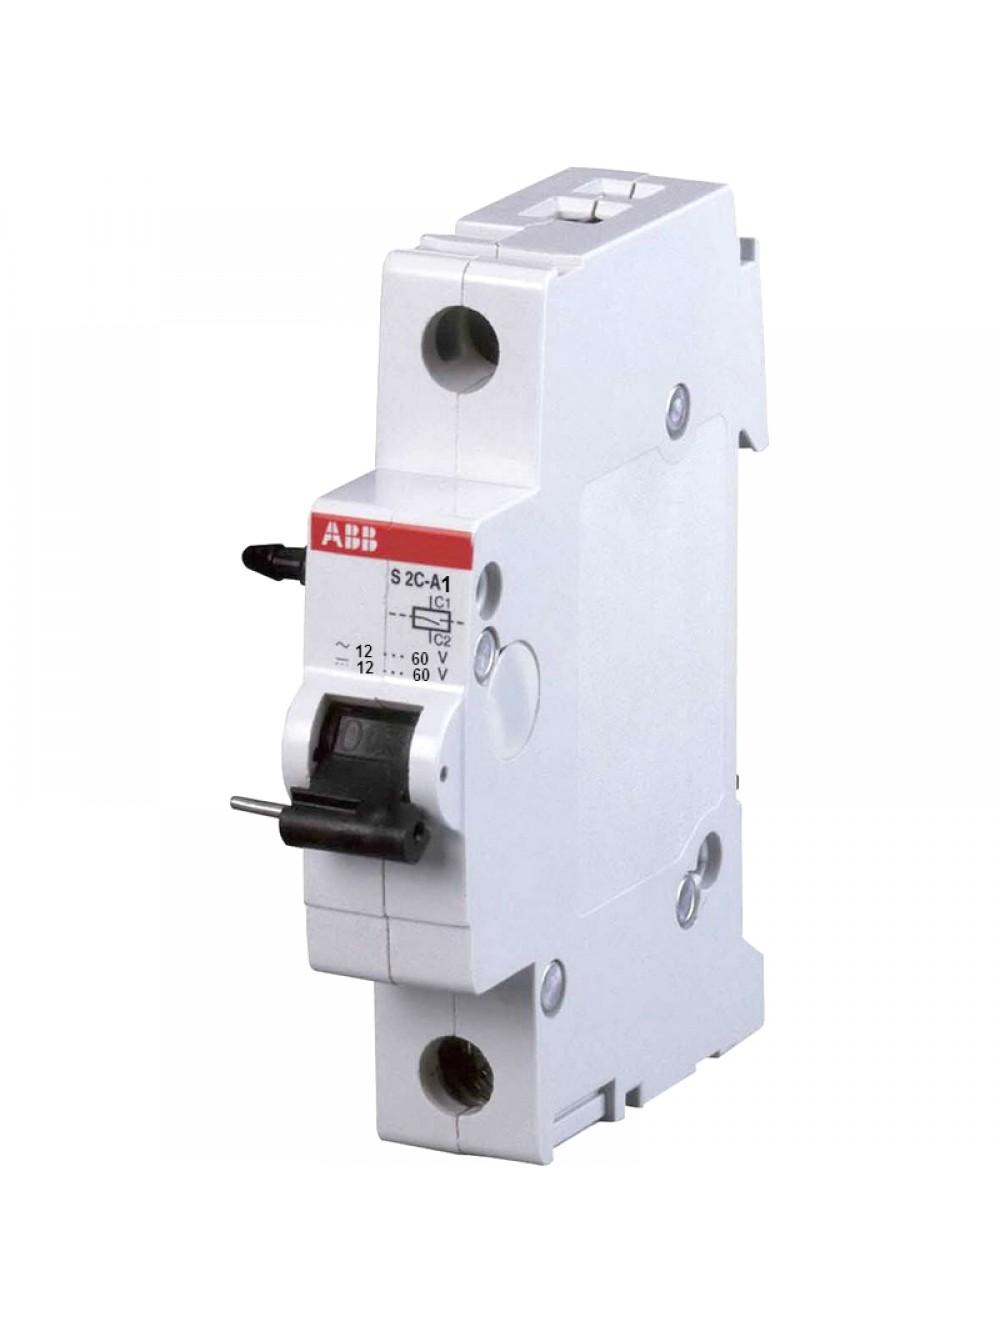 Реле дистанционного отключения 110-415В S2C-A2 ABB